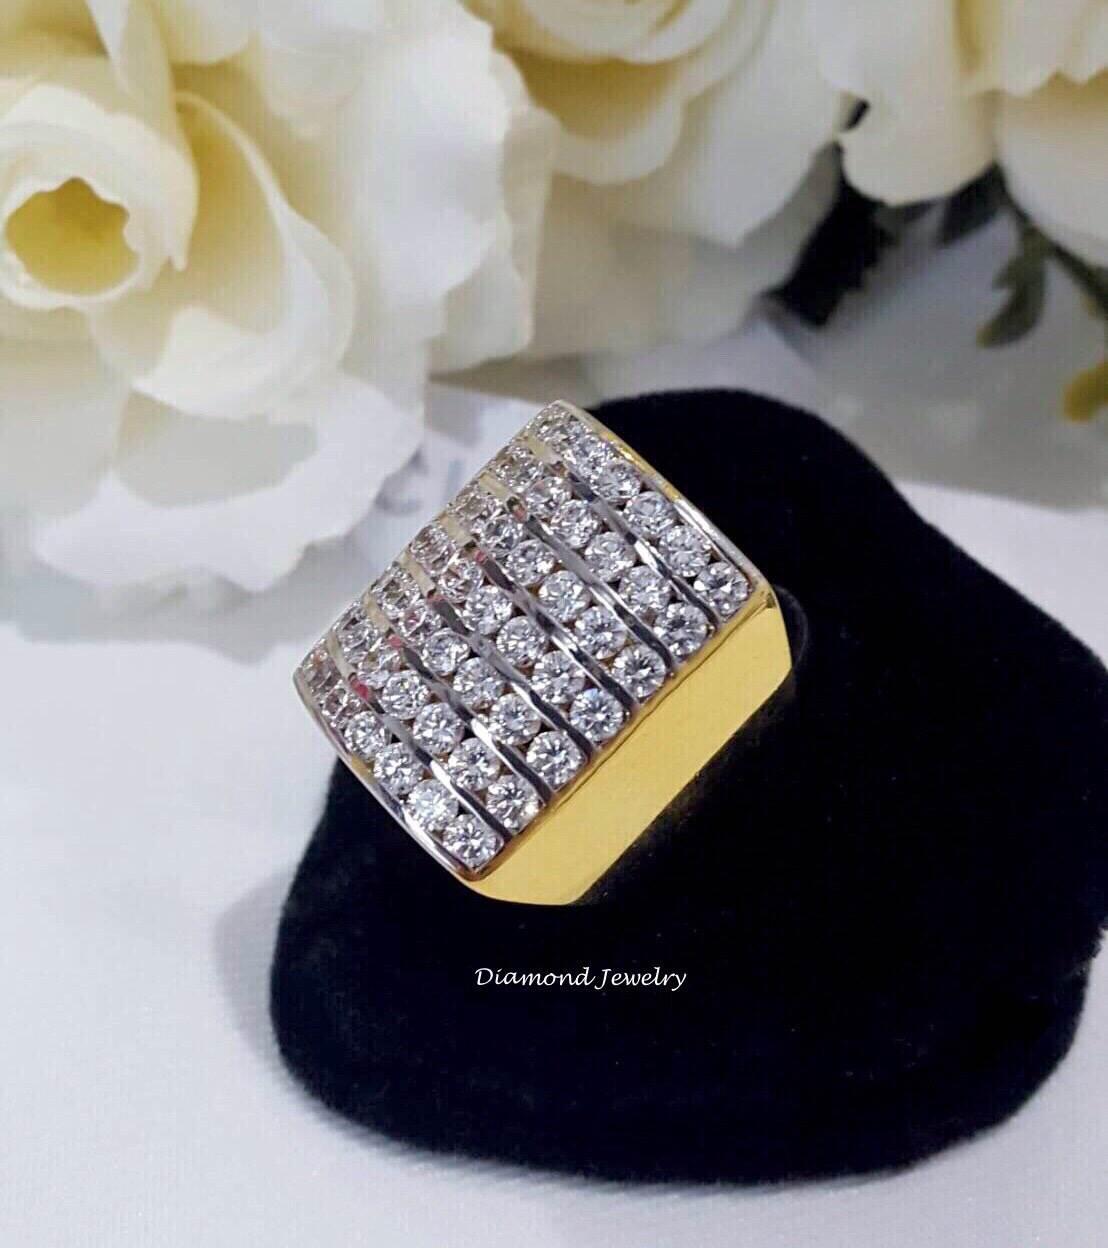 พร้อมส่ง Diamond Ring งานเพชรสวิส เพชร 7 แถวงานชุบ 5 ไมครอน